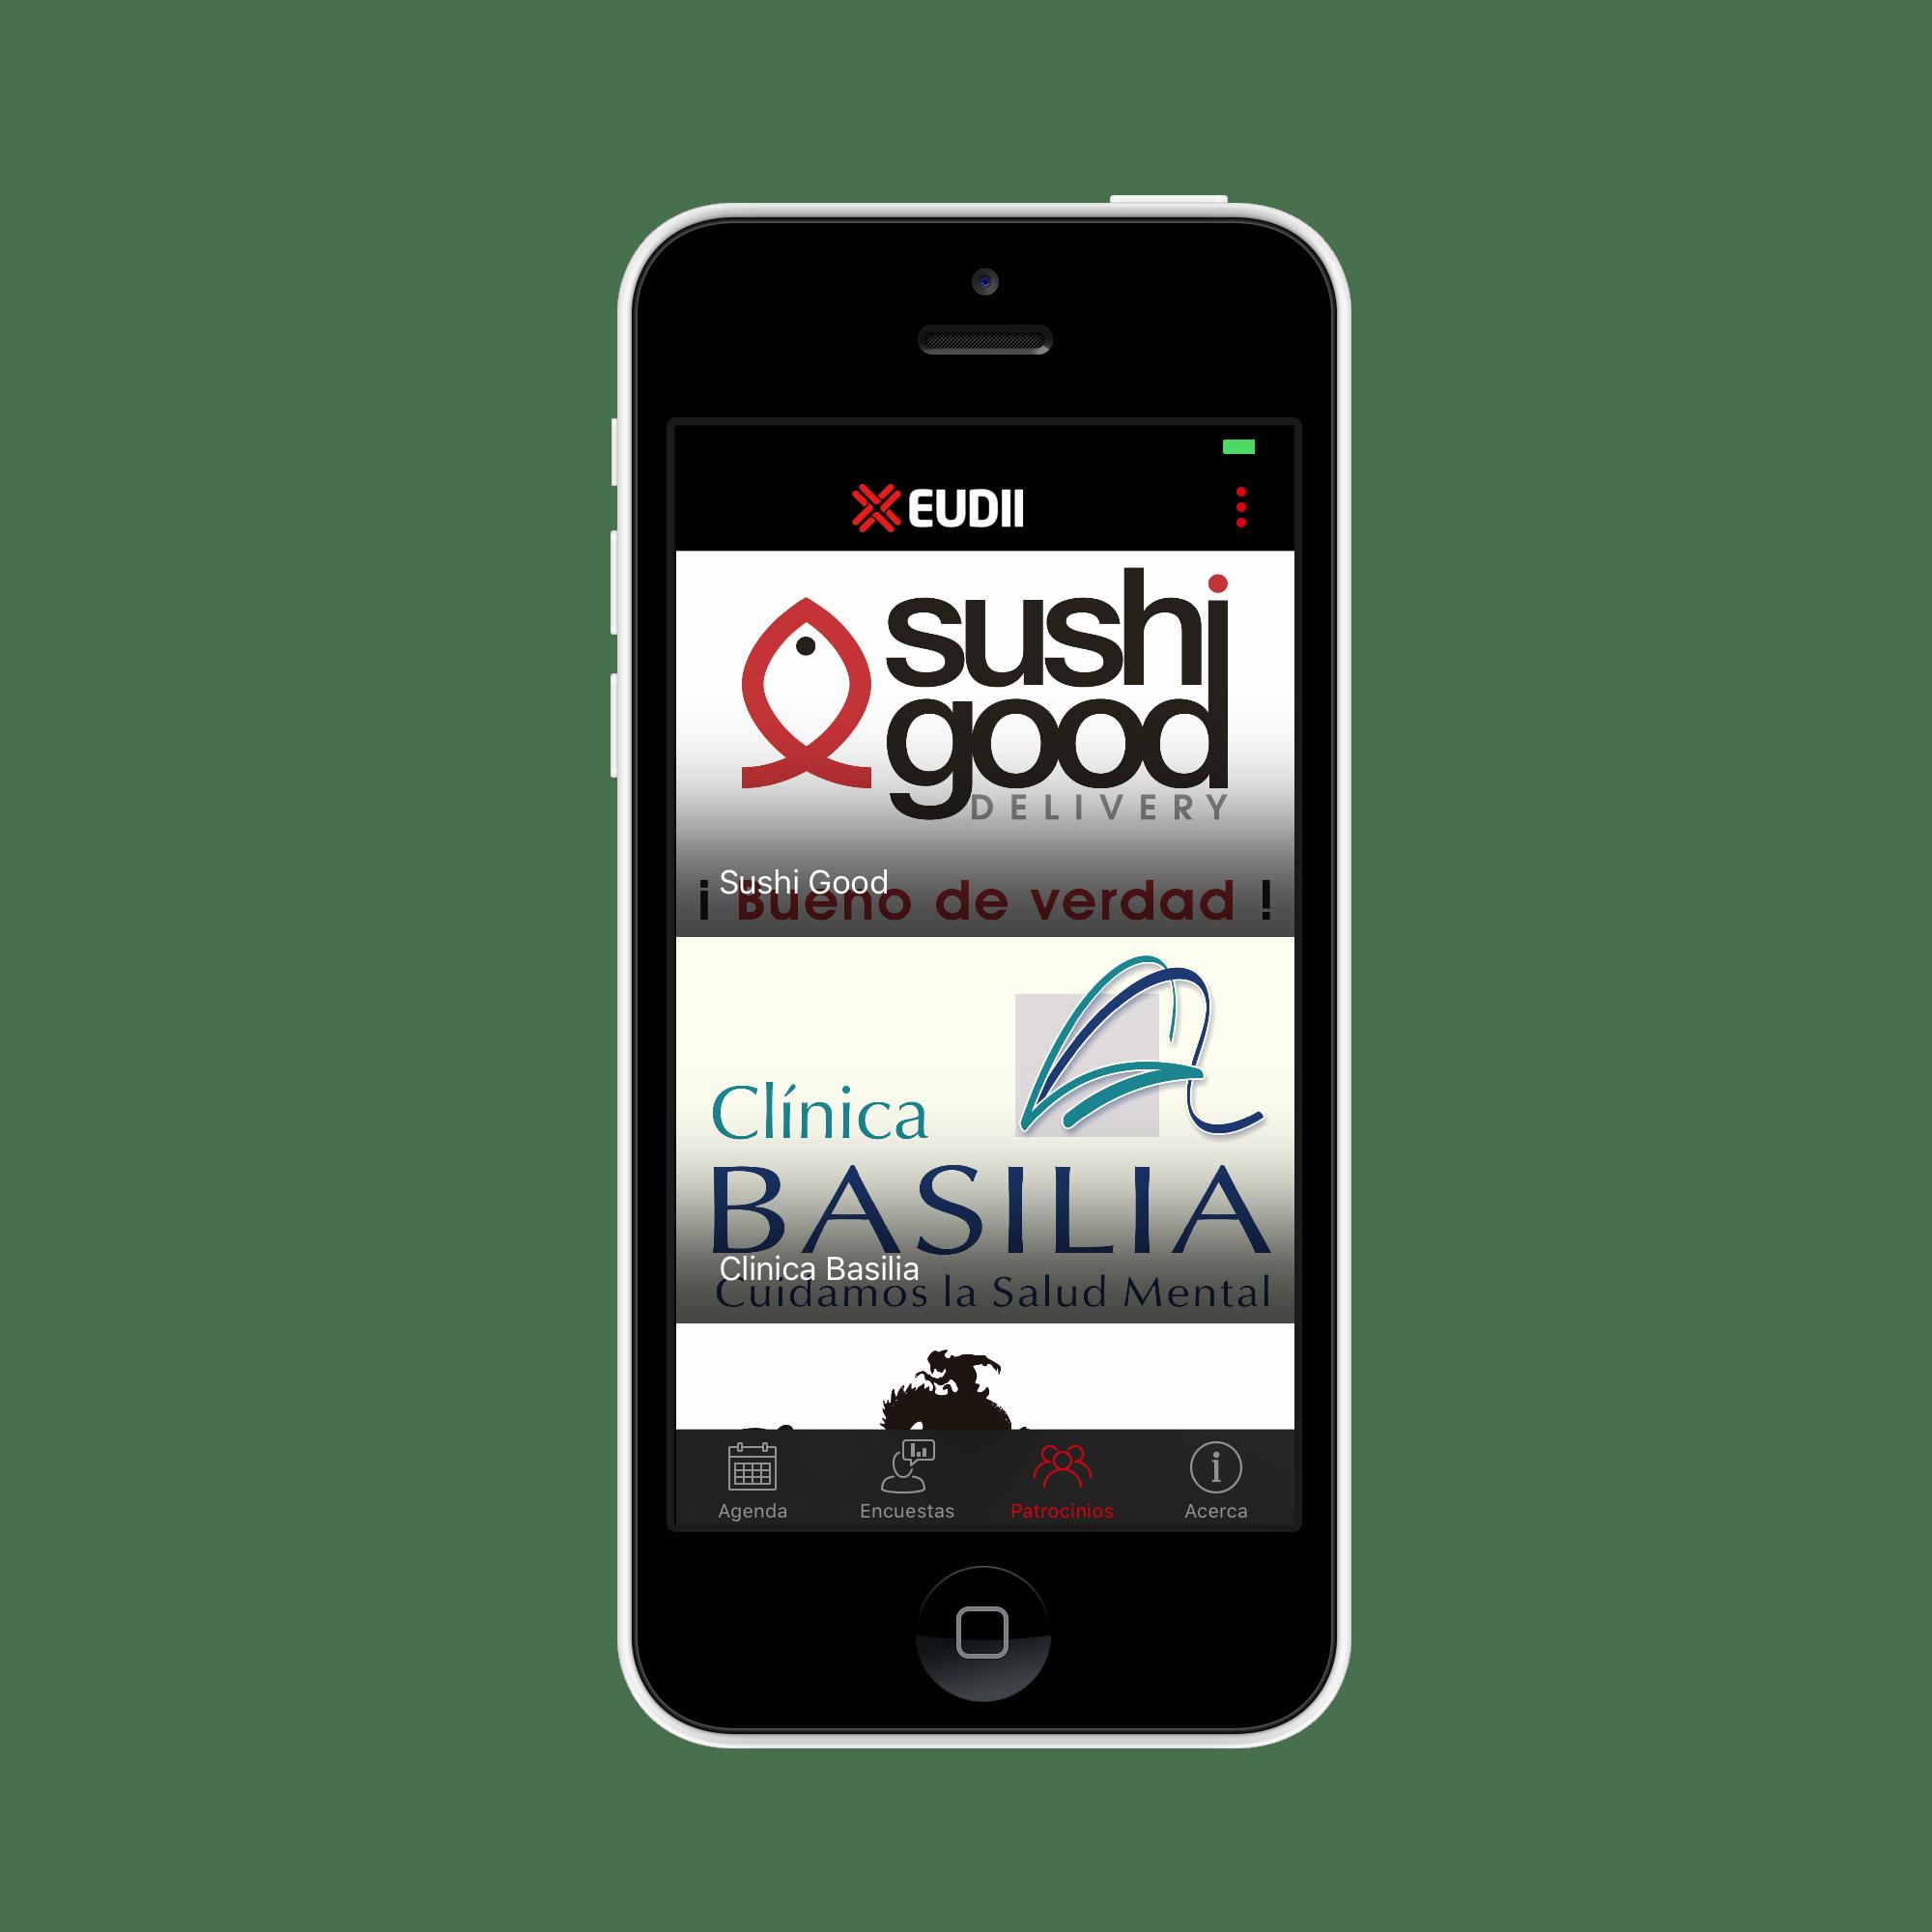 Patrocinadores en app